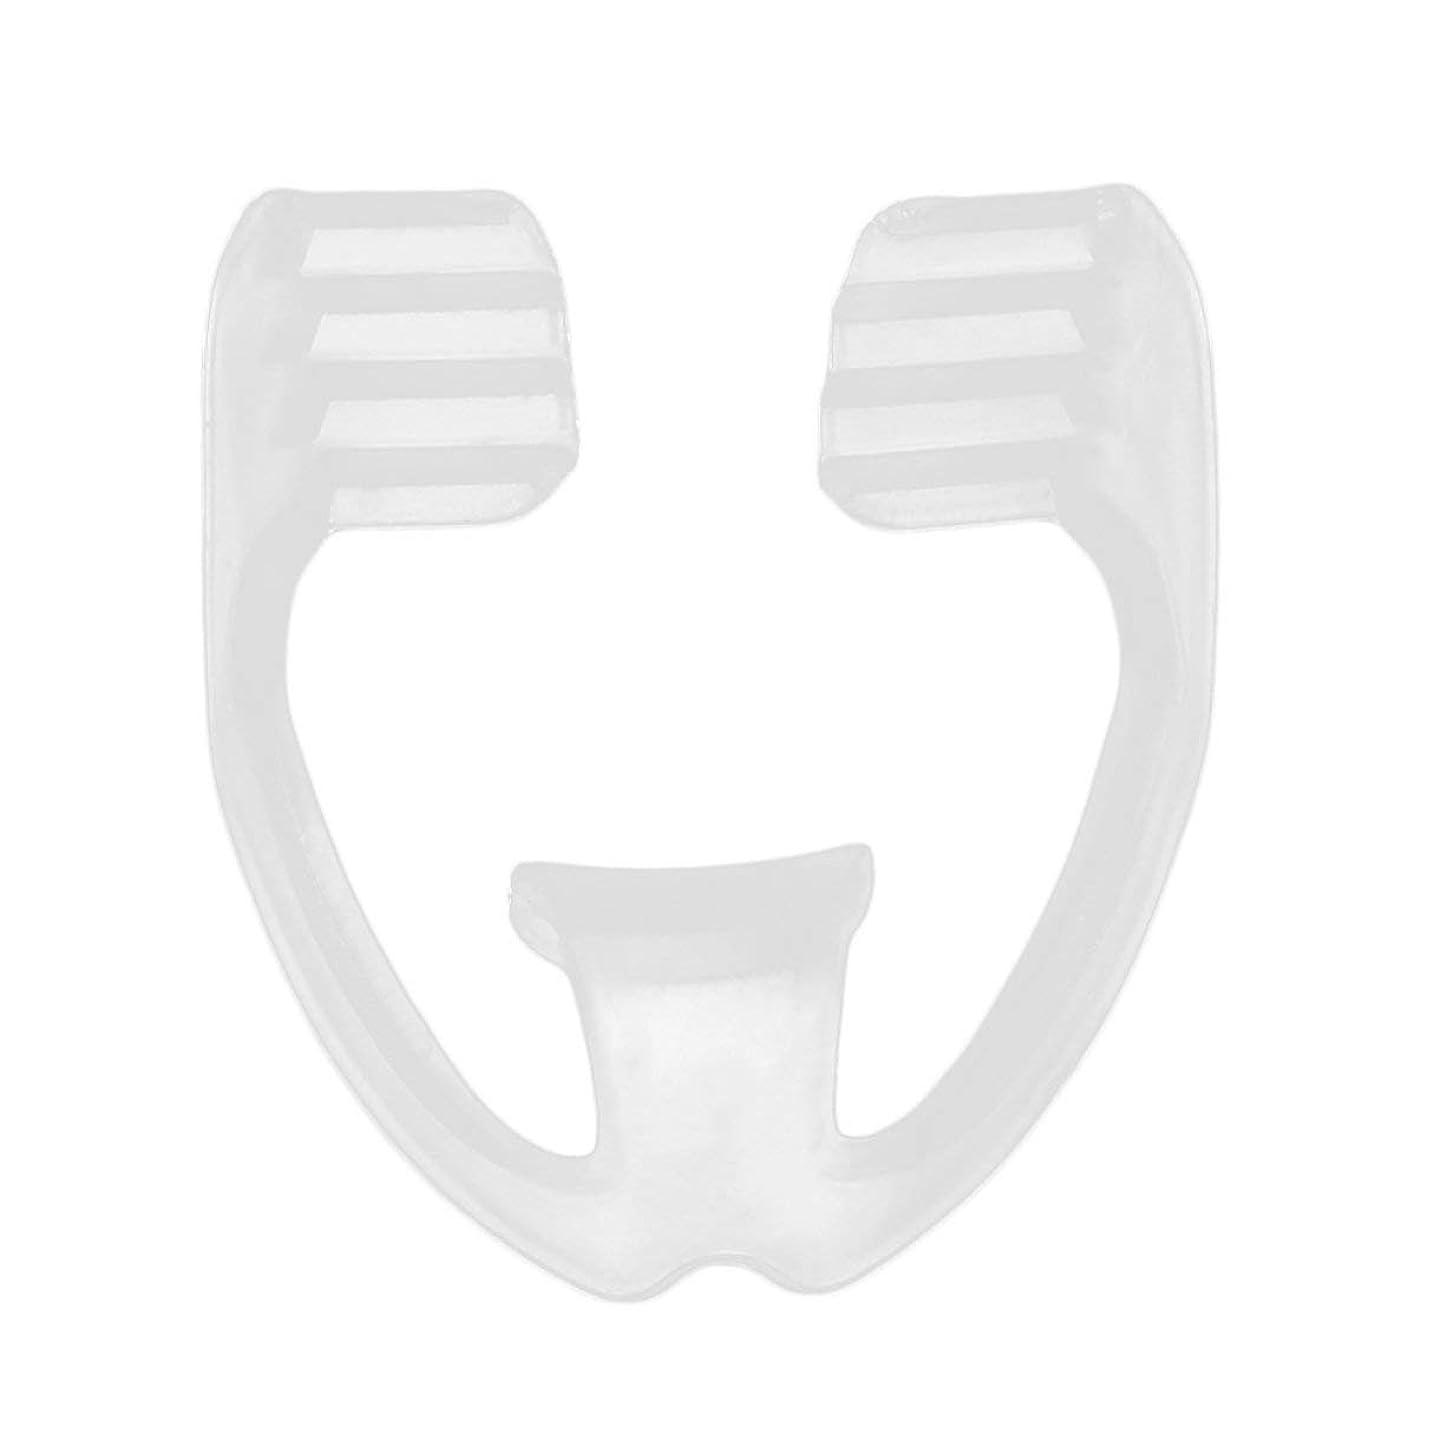 松の木広いパスポートユニバーサルナイトスリープマウスガードストップ歯ひび割れ防止いびきボディヘルスケア睡眠補助ガード - 透明